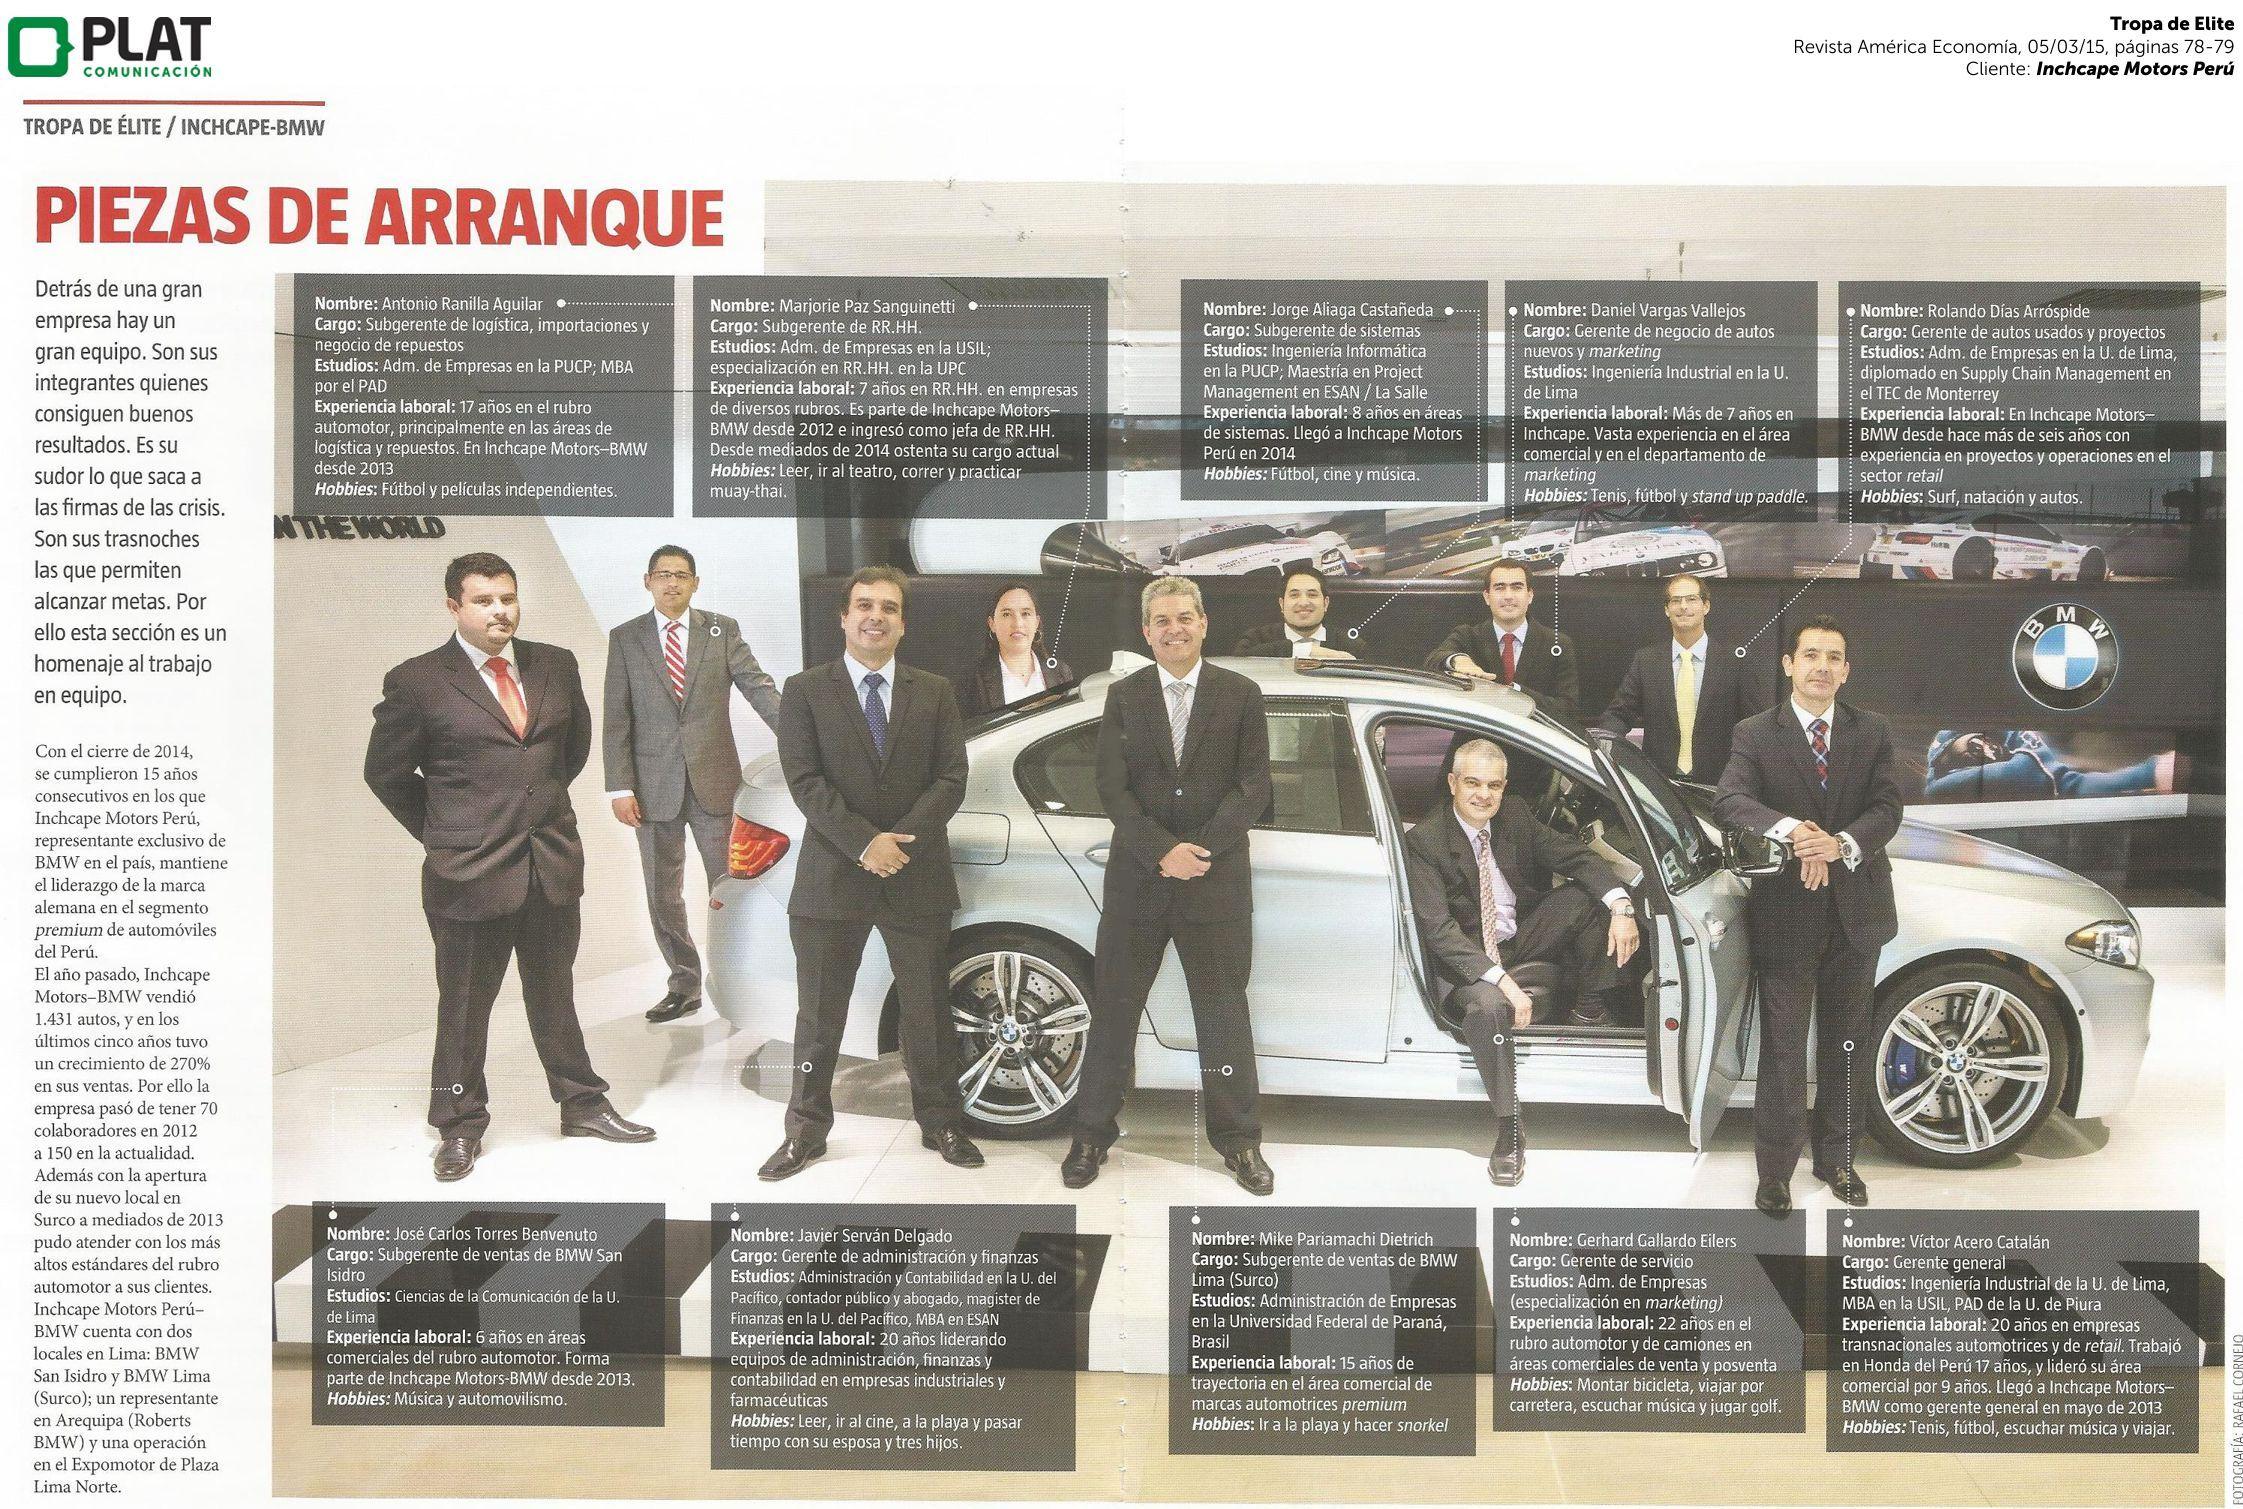 Inchcape Motors Equipo Directivo En La Revista America Economia De Peru 05 03 15